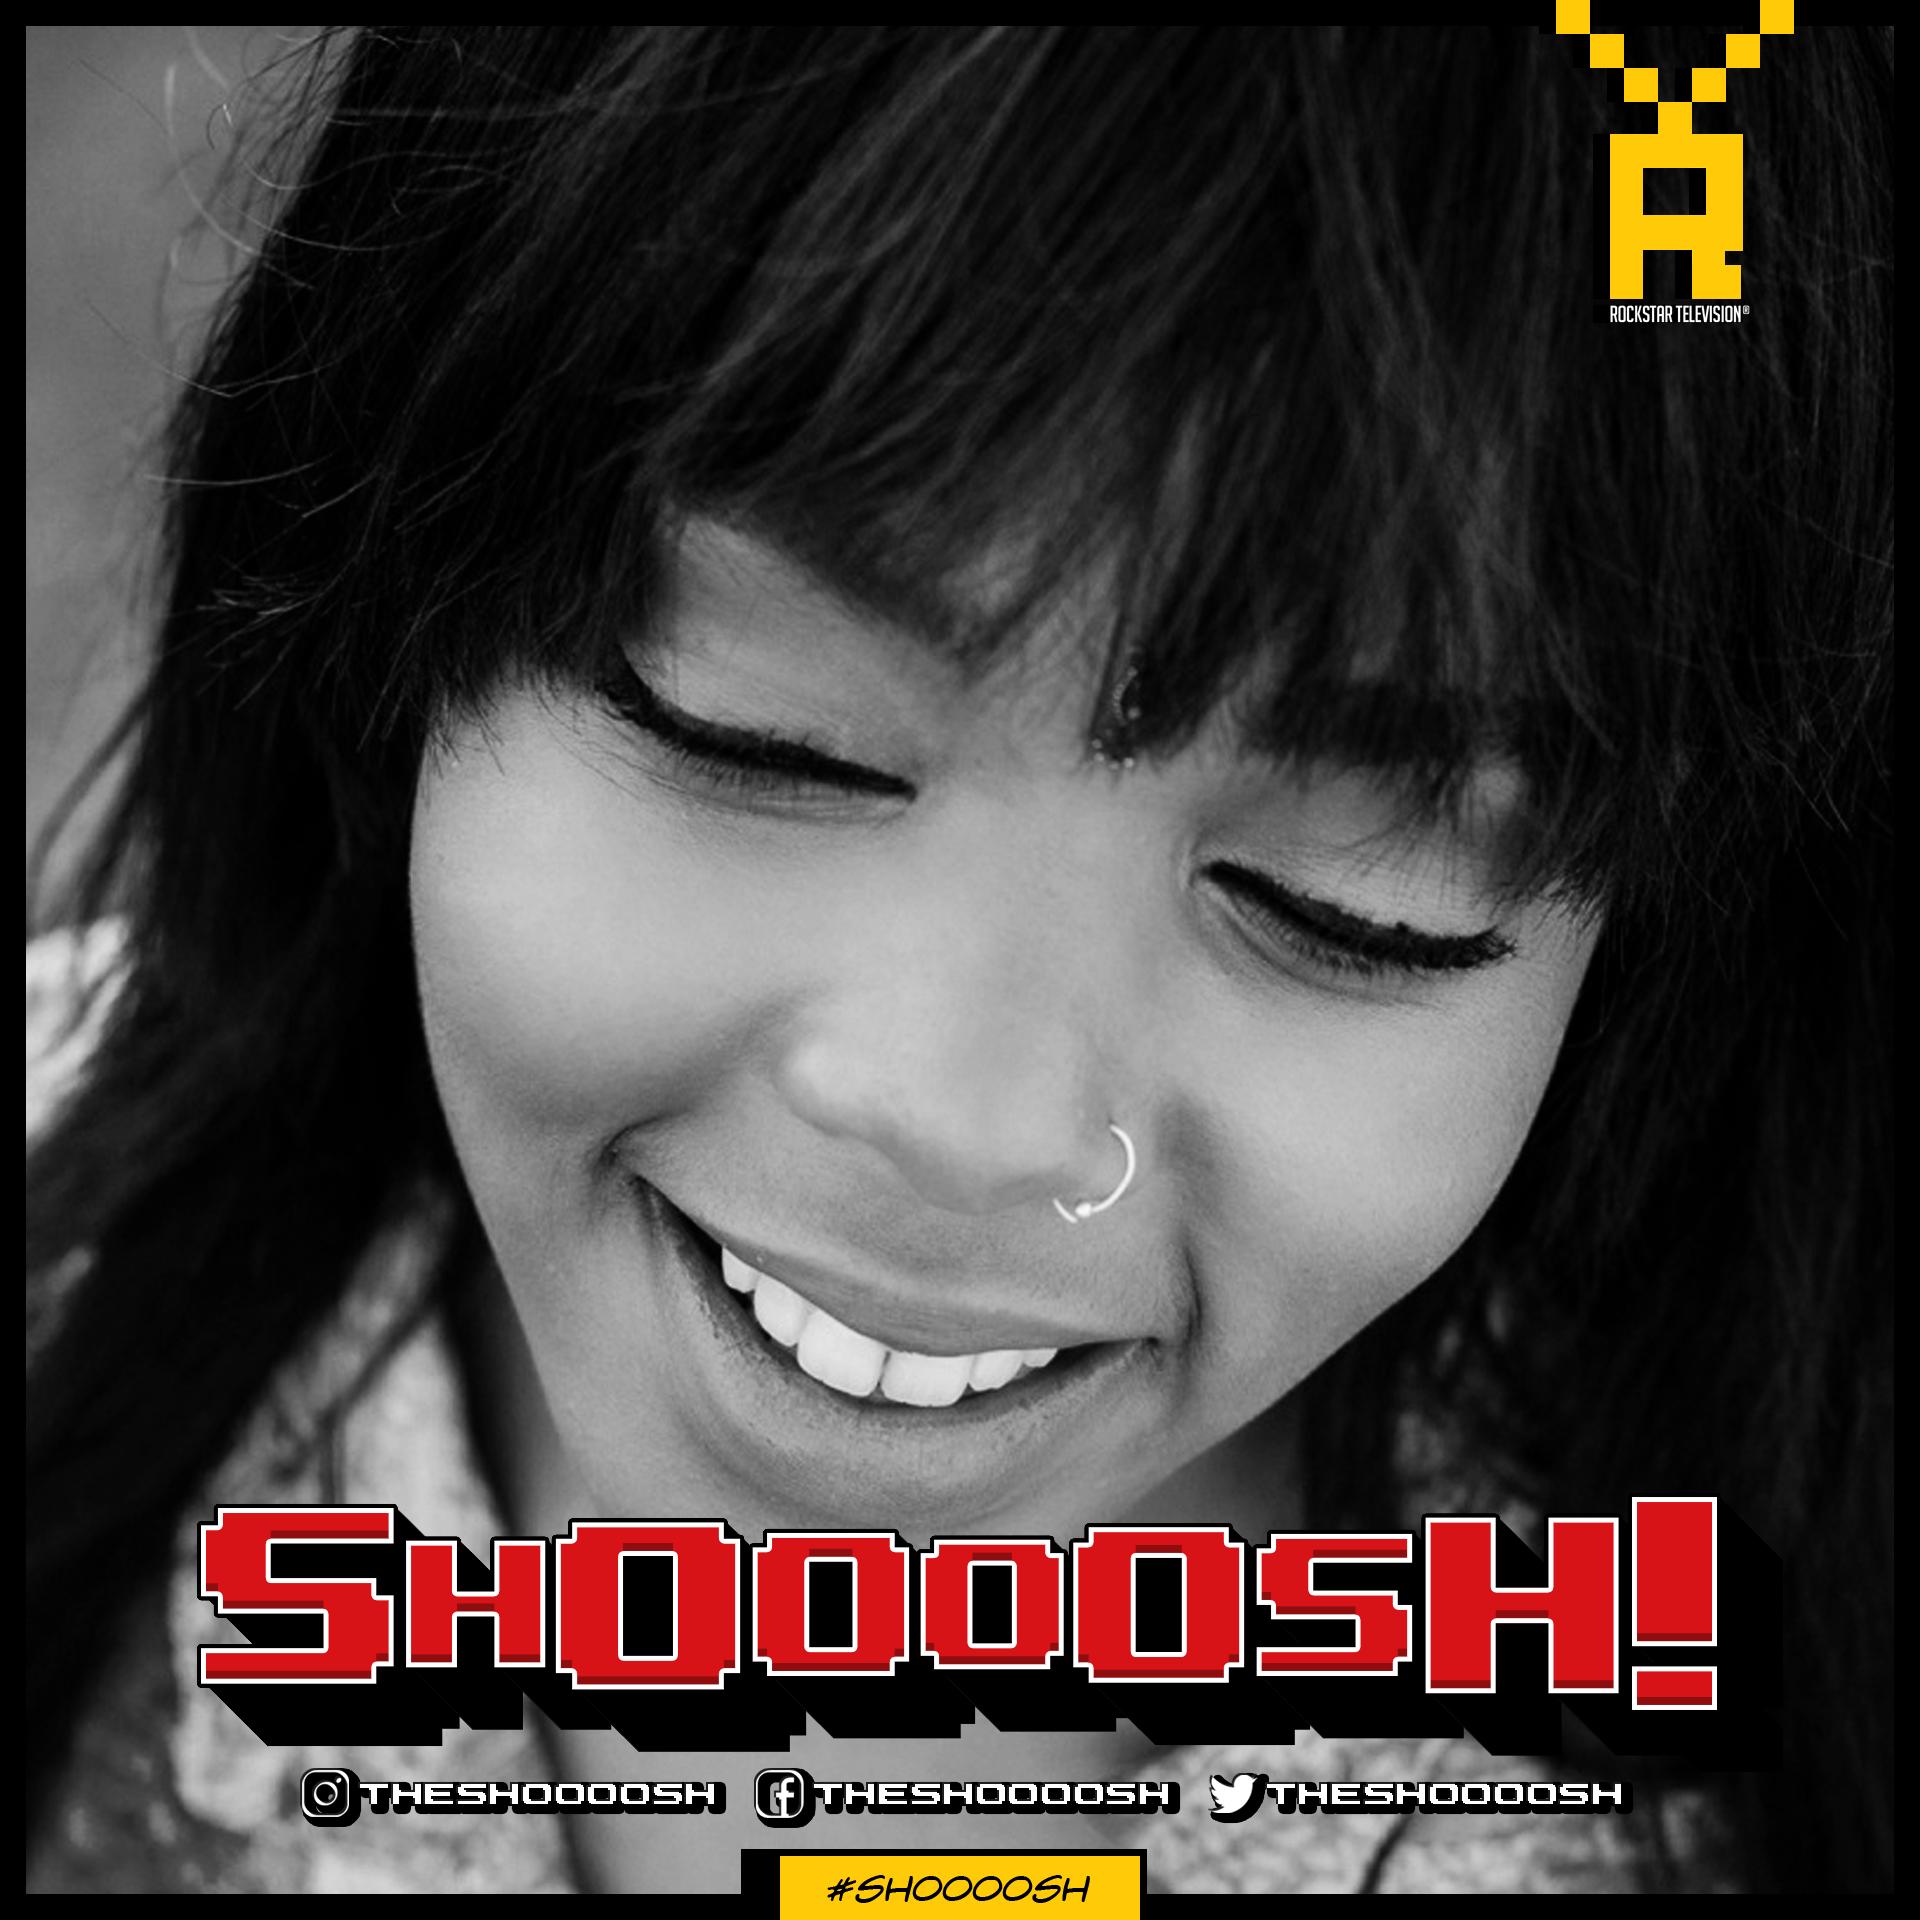 shoooosh-shekhinah00001